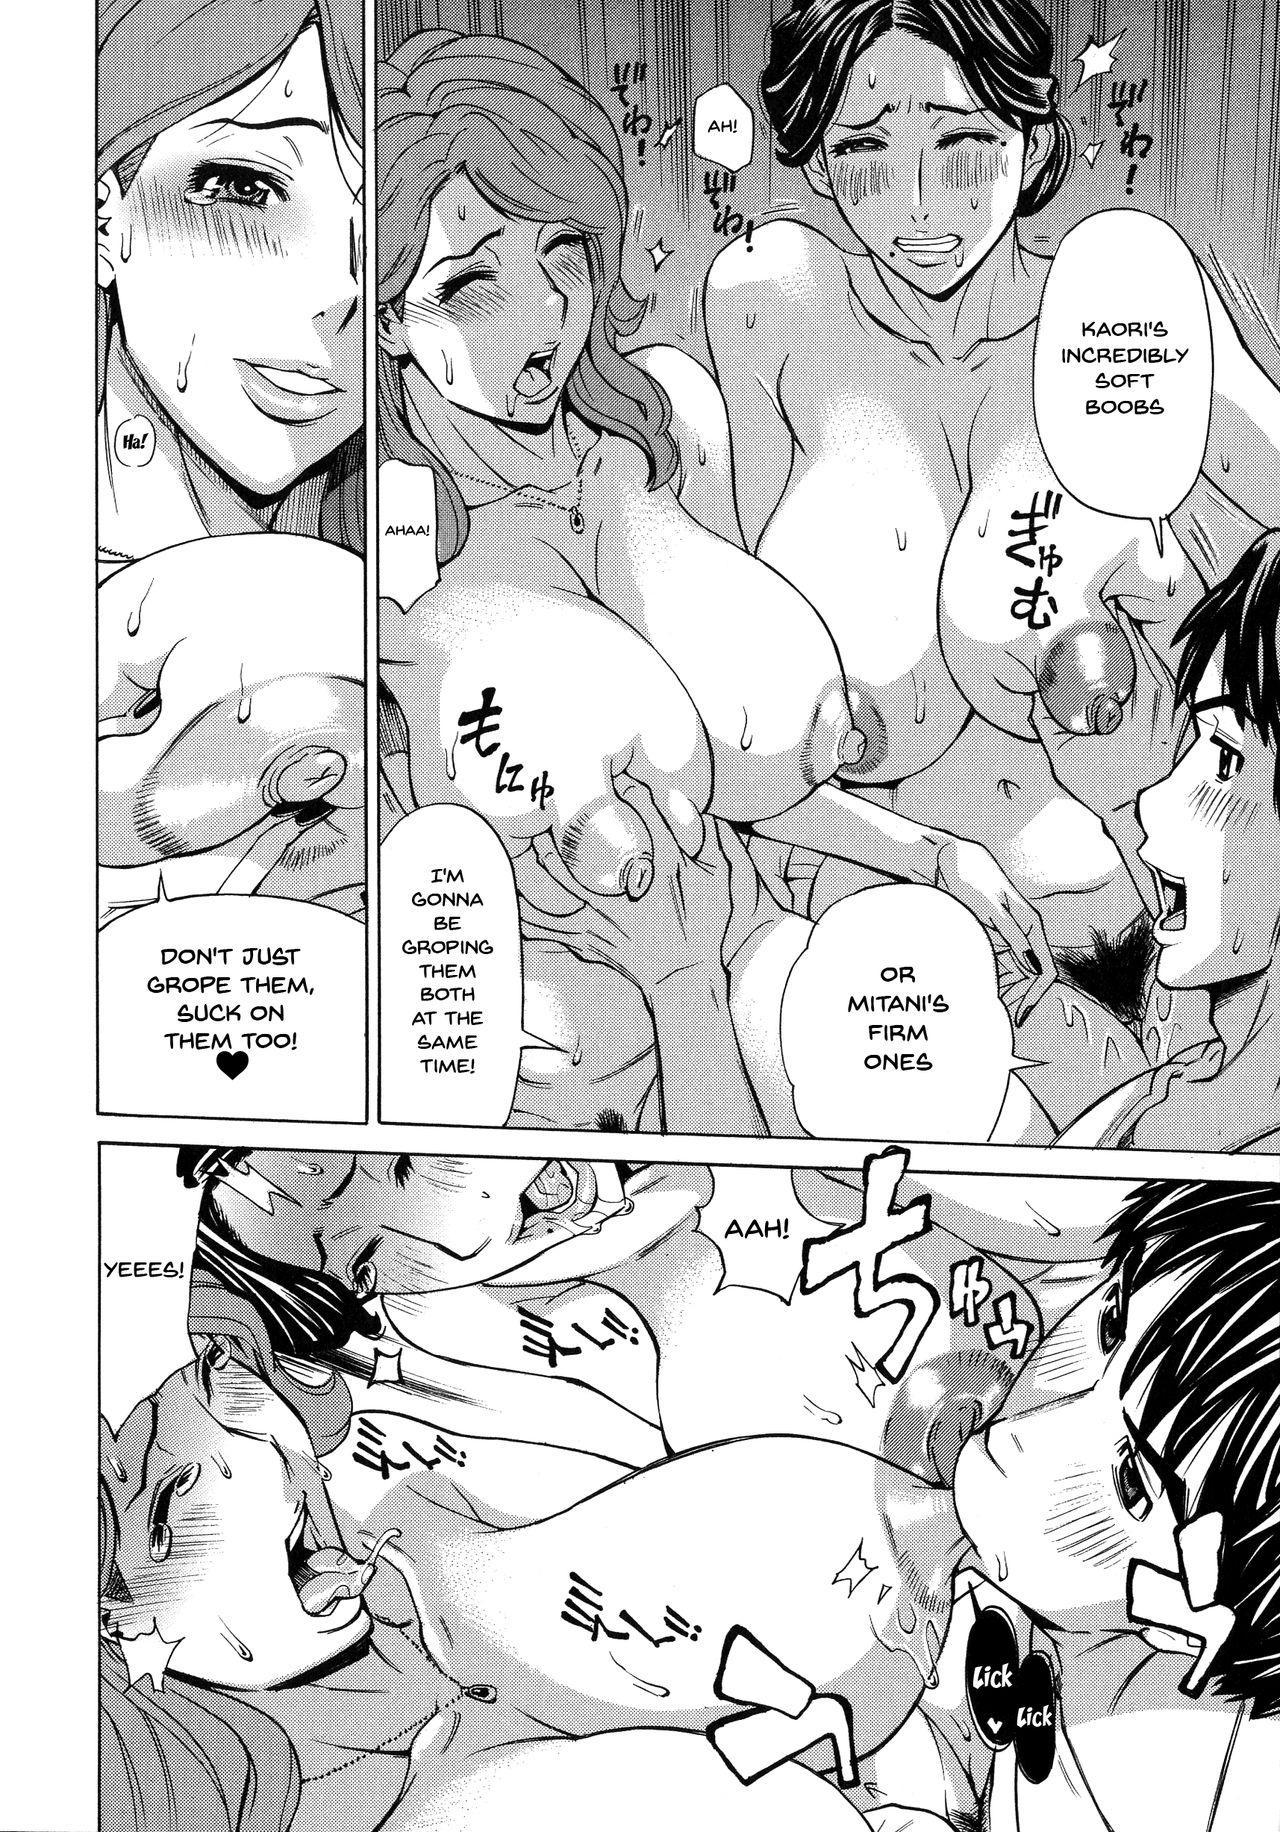 [Makibe Kataru] Hitozuma Koi Hanabi ~Hajimete no Furin ga 3P ni Itaru made~ Ch.1-9 [English] {Doujins.com} 51